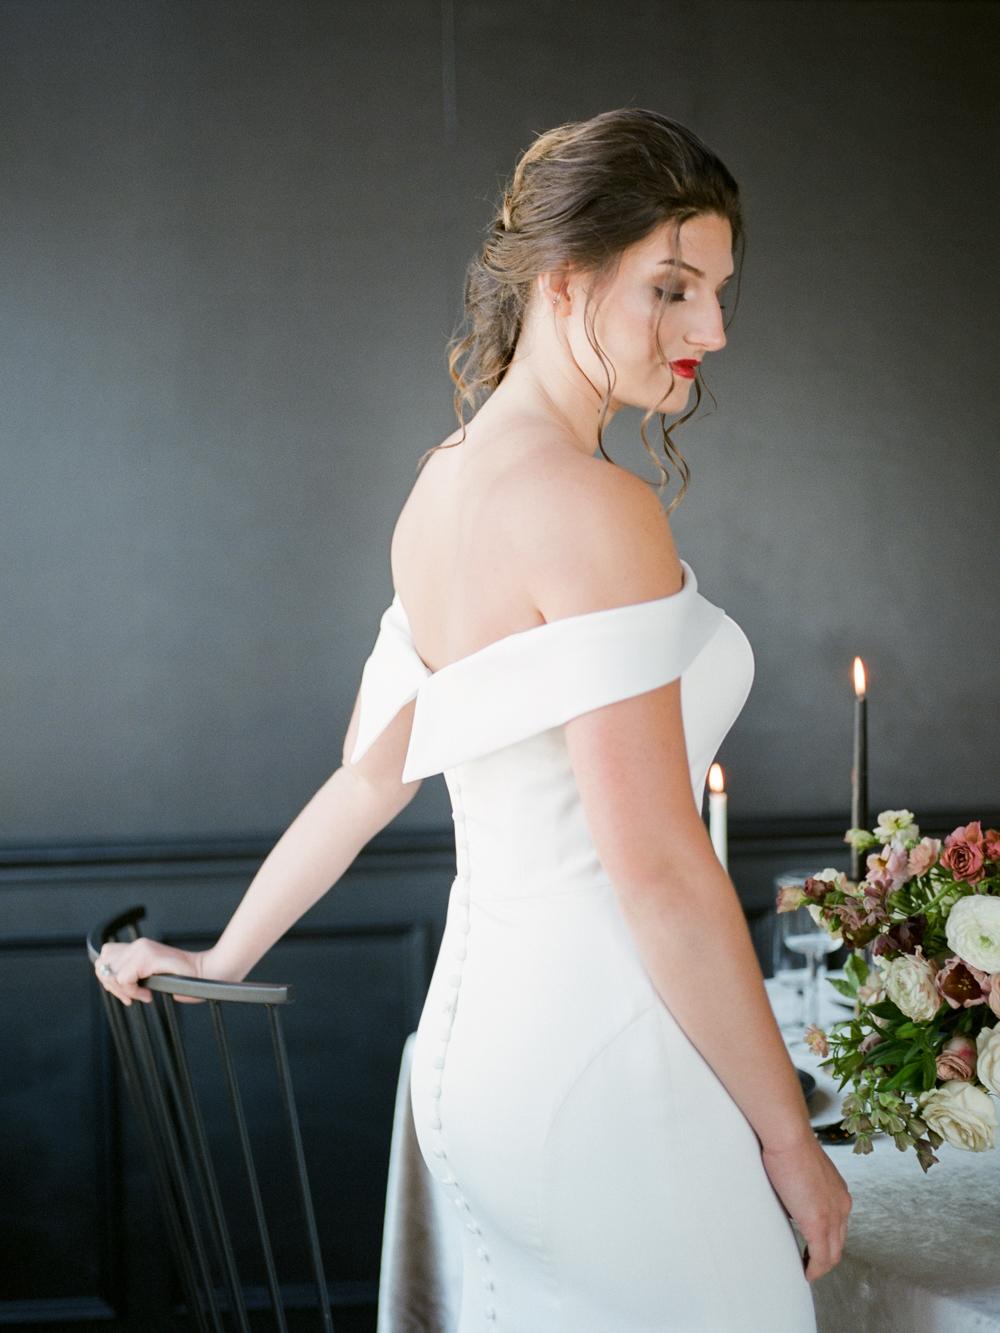 Houston wedding planner Water to Wine - edgy wedding - Christine Gosch film wedding photographer-22.jpg